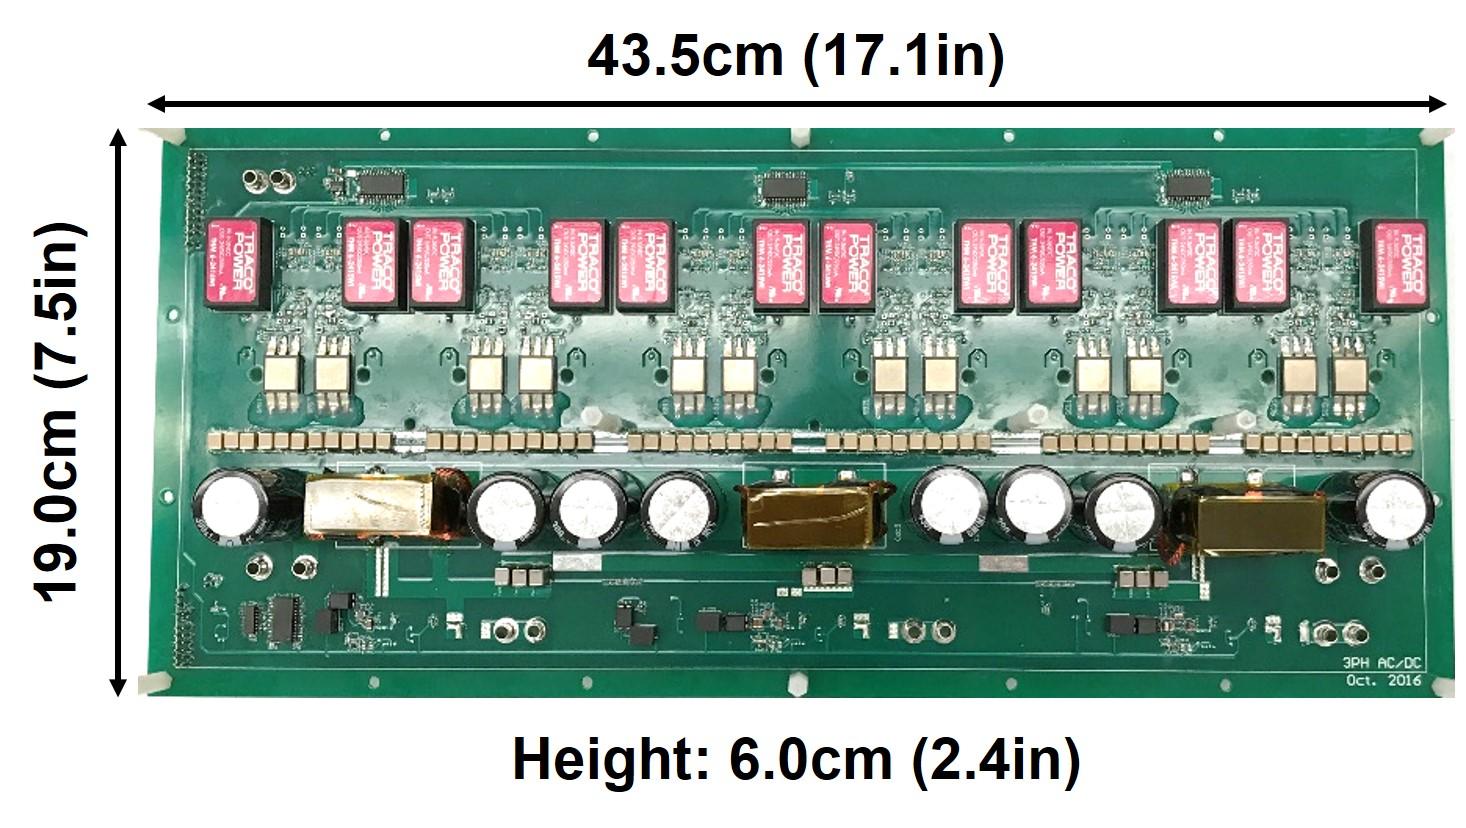 Image of SiC-based bidirectional three-phase ac-dc converter prototype.